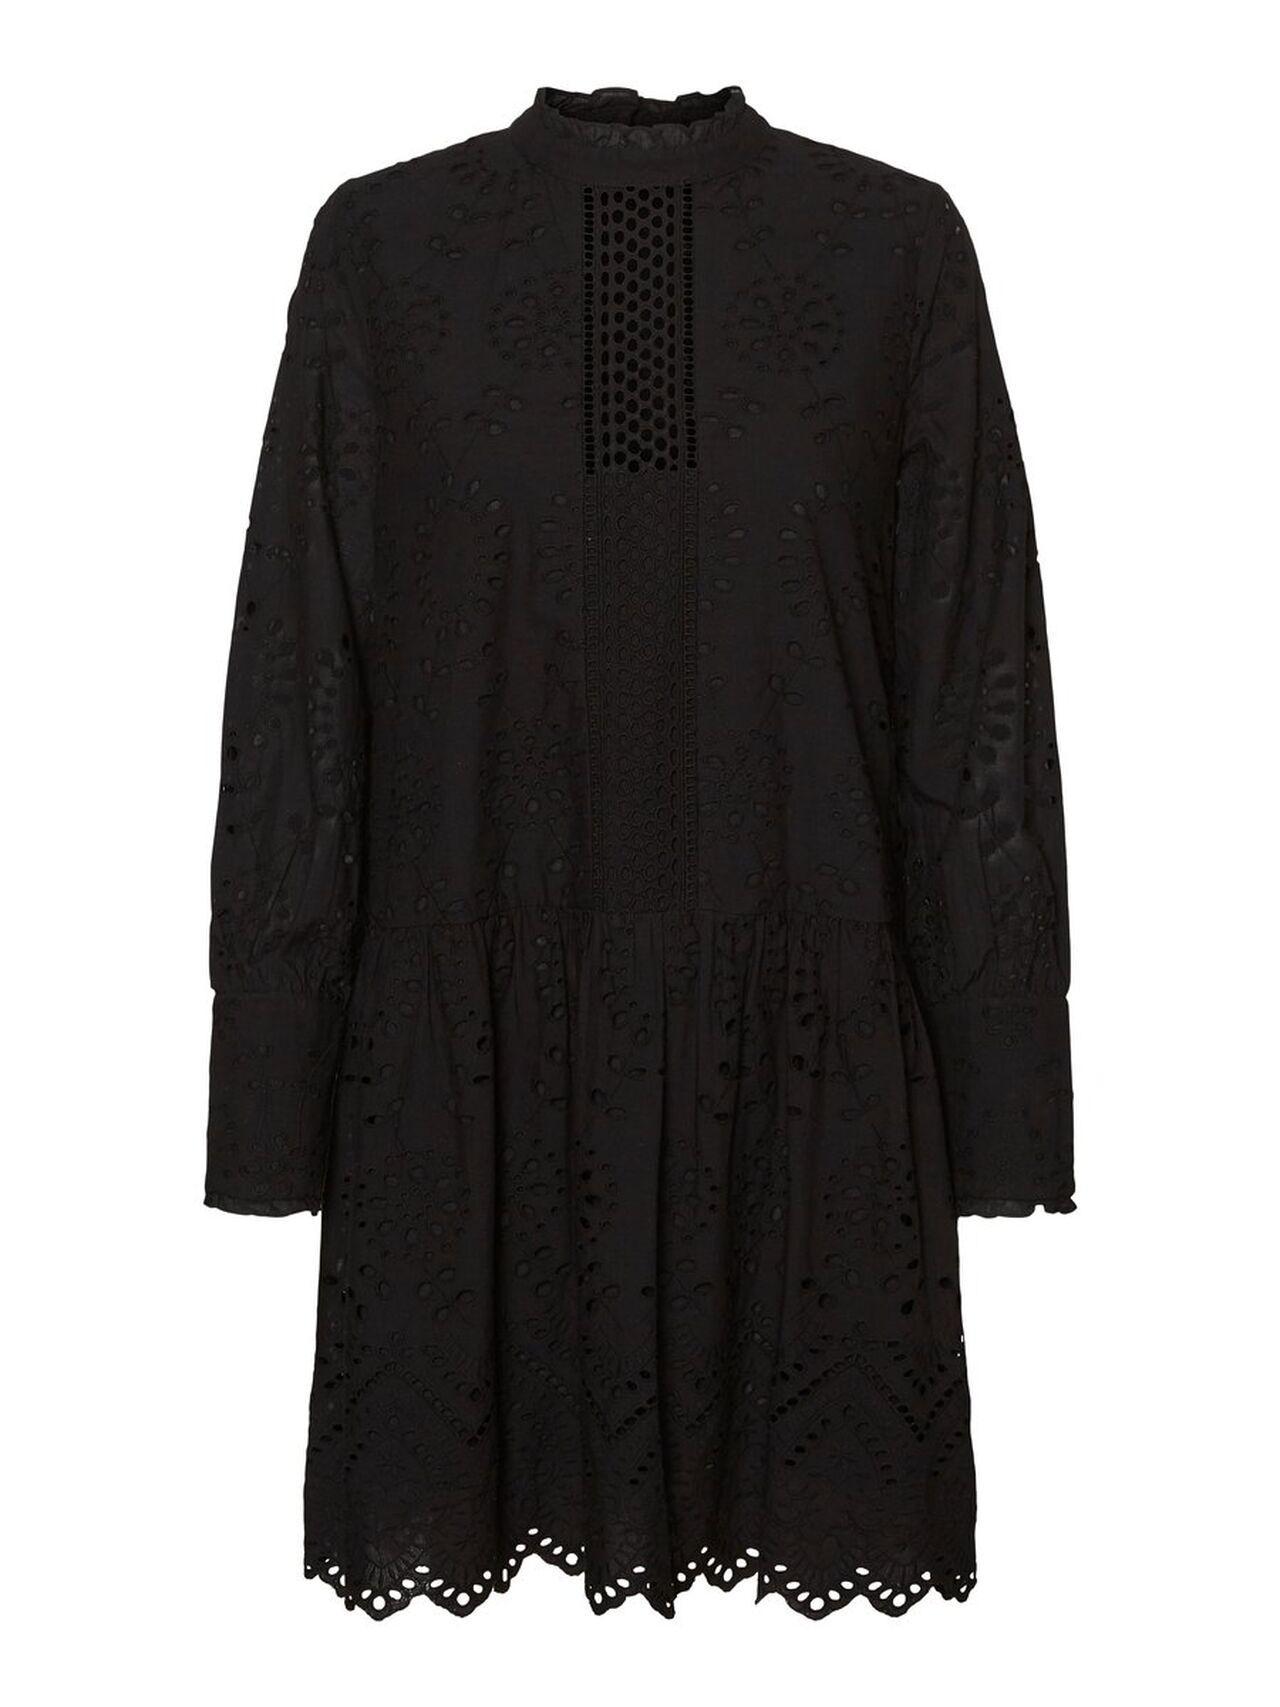 VERO MODA VMPERFECT EMB LS SHORT DRESS SB2 COLOR BLACK REF 10231386